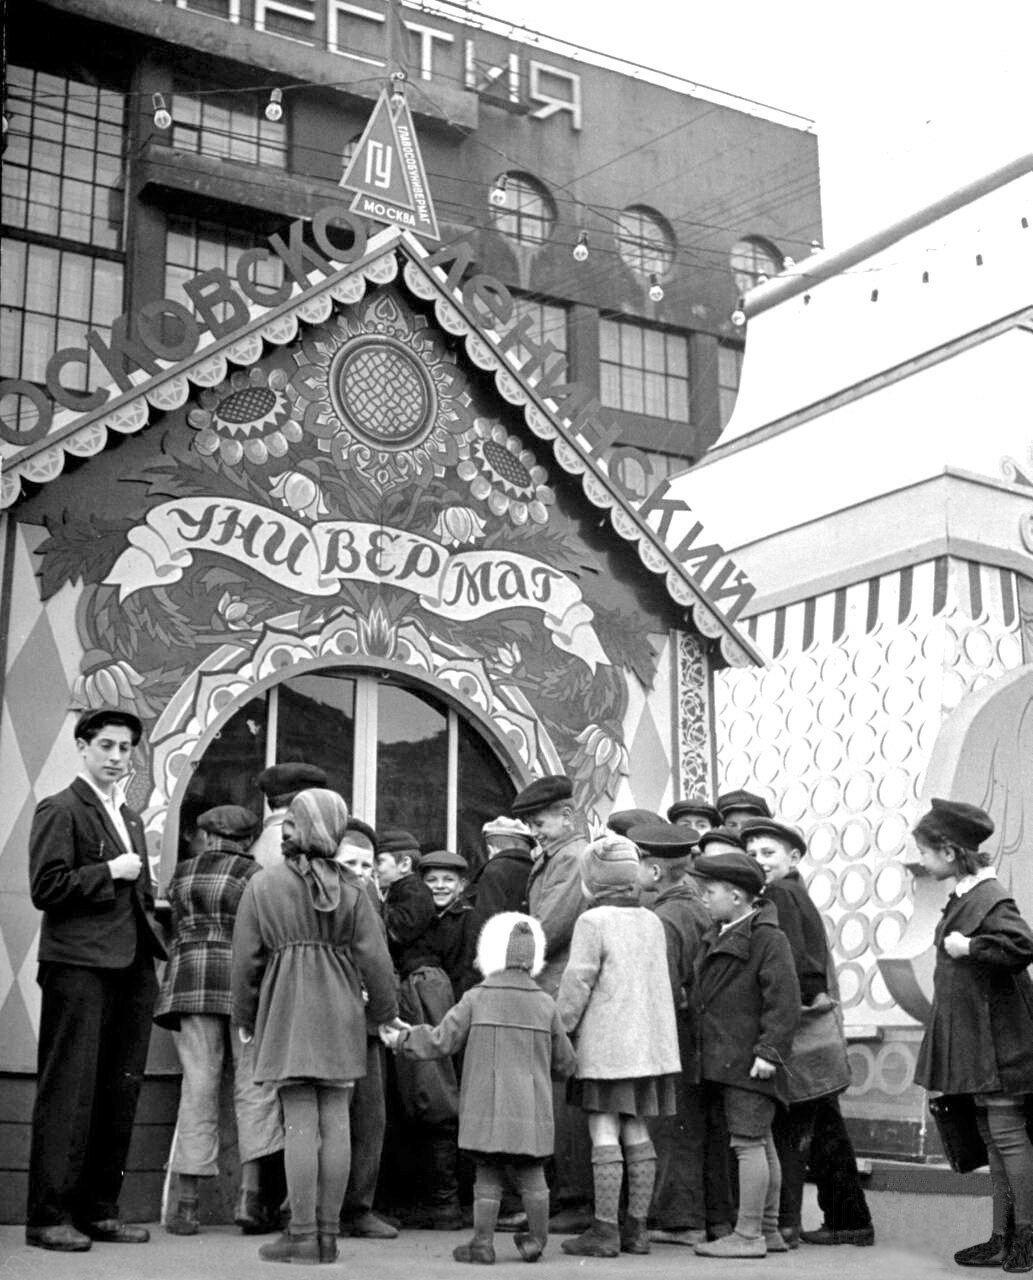 1947. Киоски праздничной торговли на Пушкинской площади